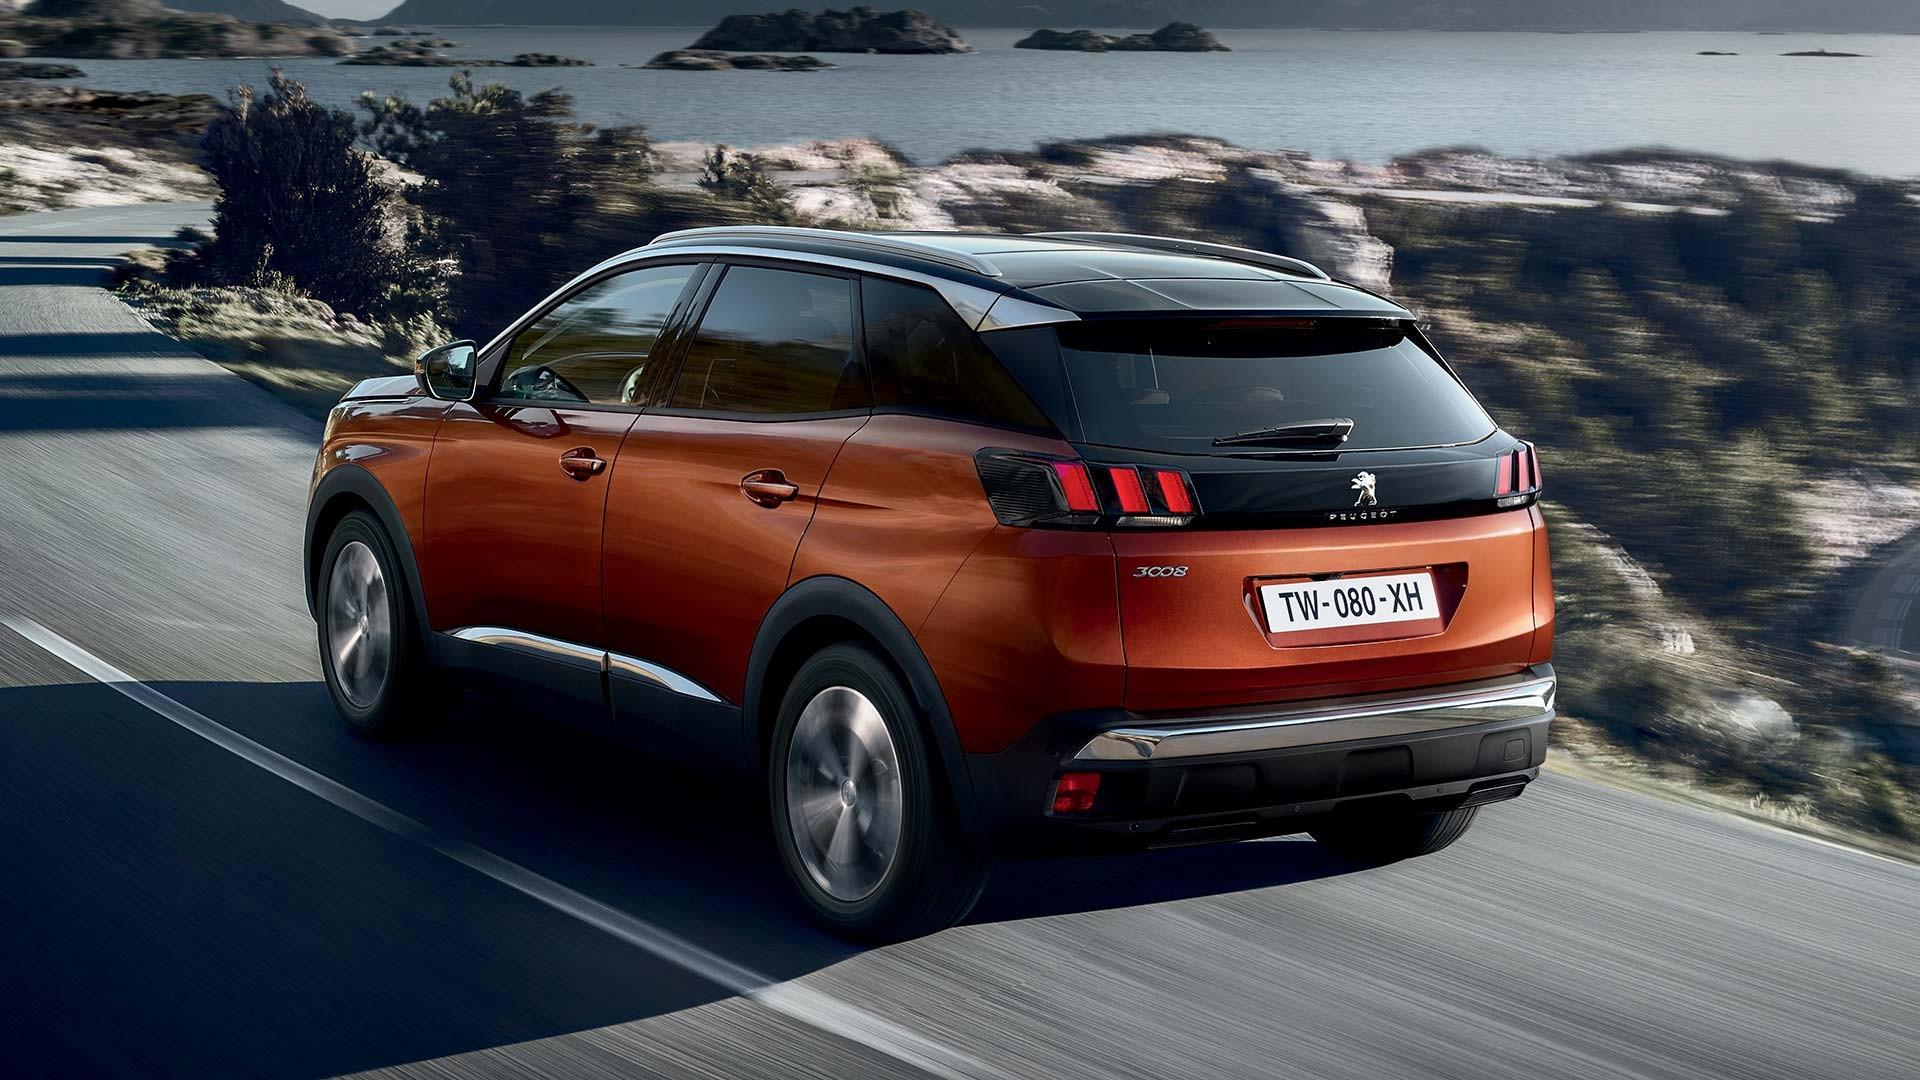 Peugeot Suv 3008 >> Videoita Ja Kuvia Uudesta Peugeot 3008 Suv Sta